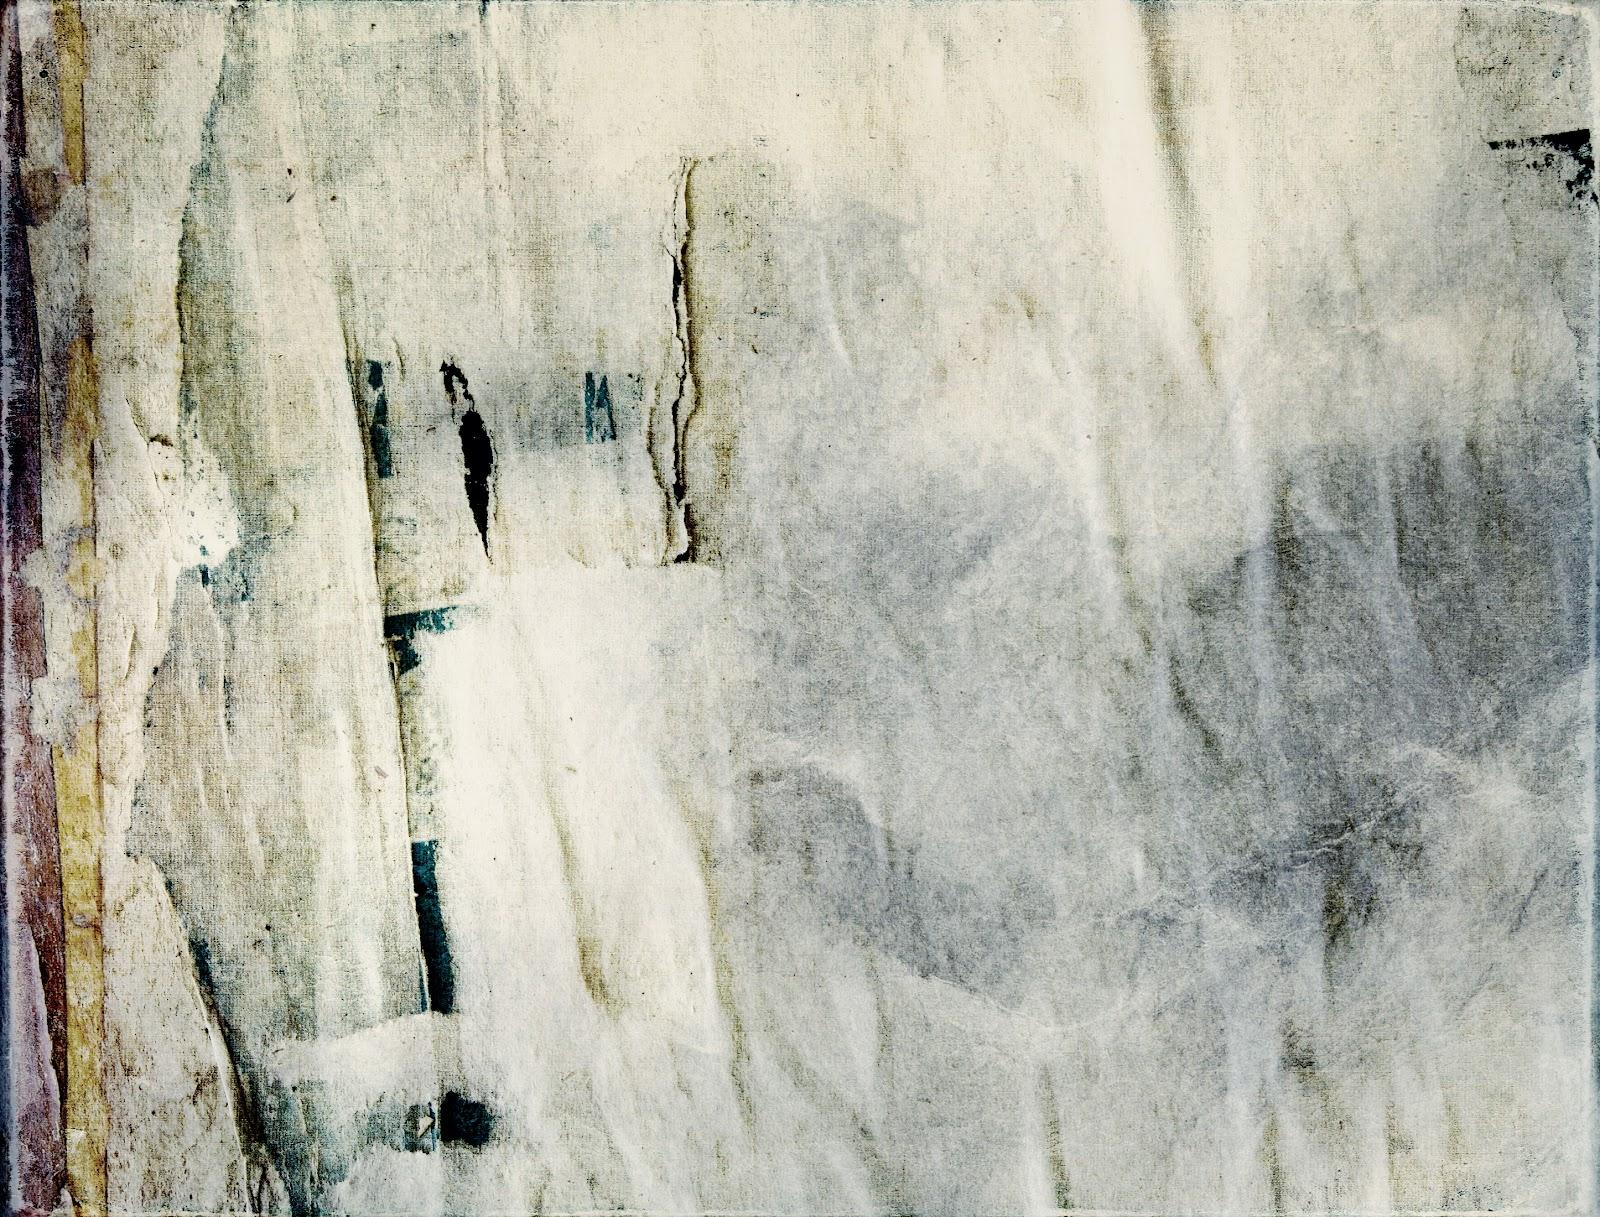 dekupaj-kagit-dekoratif-boyama-ahsap-boyama-paper